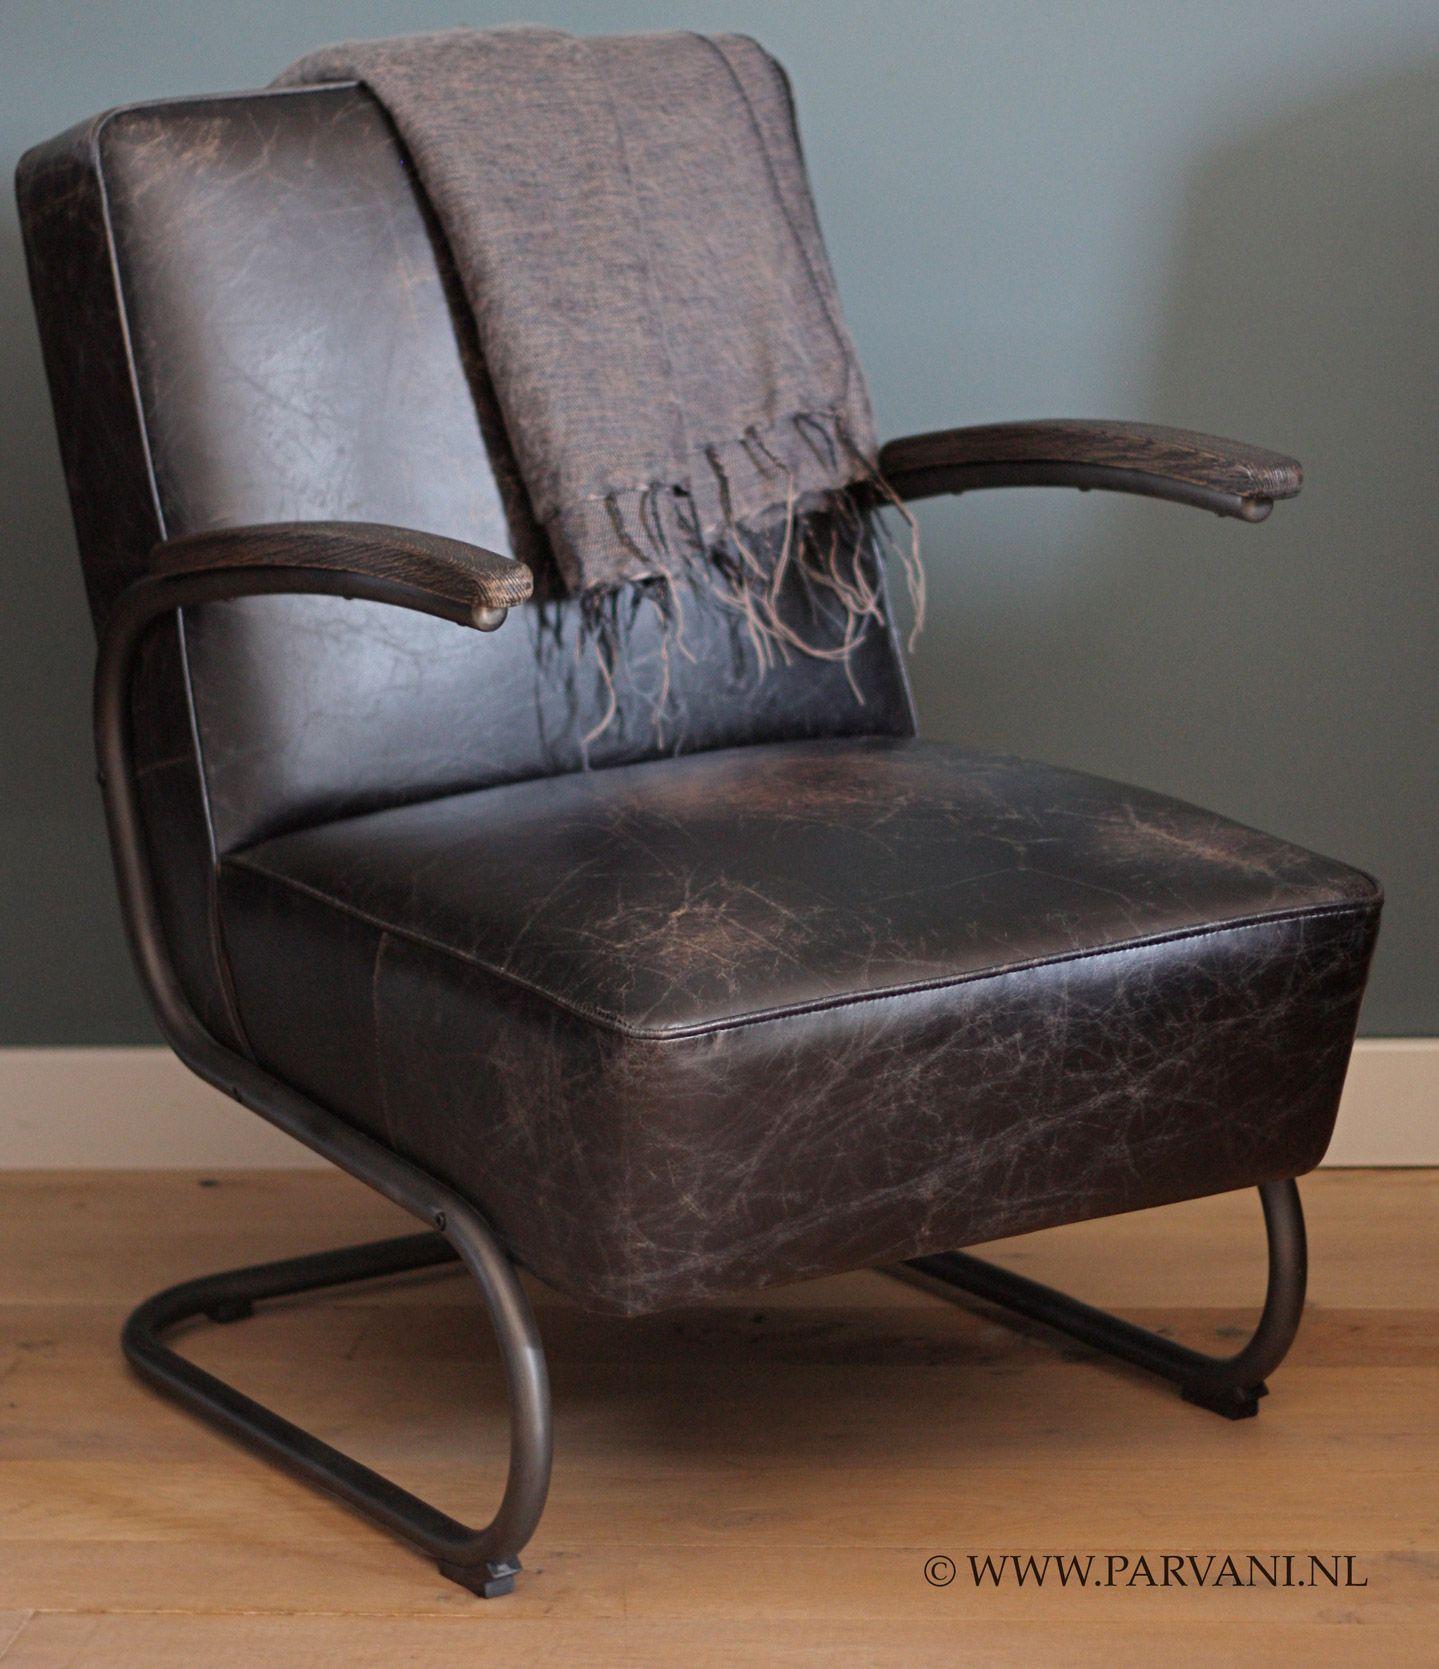 Wonderlijk Parvani | Vintage-leren-fauteuil-stoel-robuust (met afbeeldingen SE-69